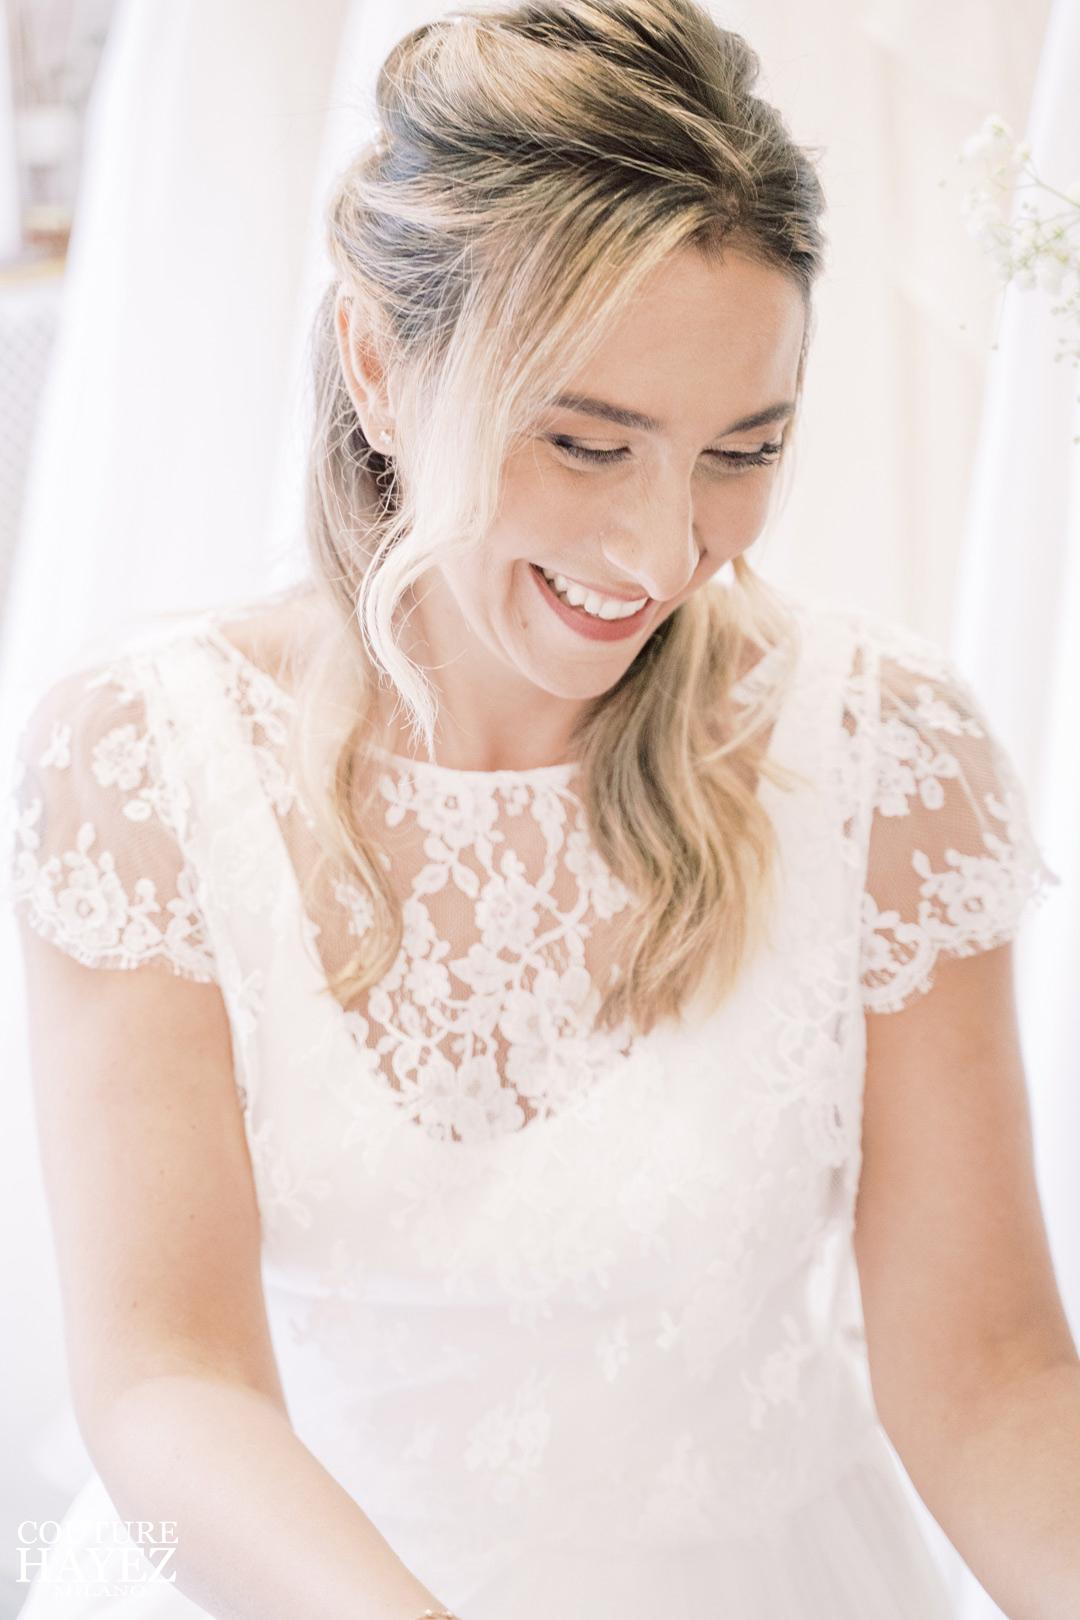 come scegliere l'abito da sposa in Atelier, spose reali, spose vere, esperienza sposa in atelier